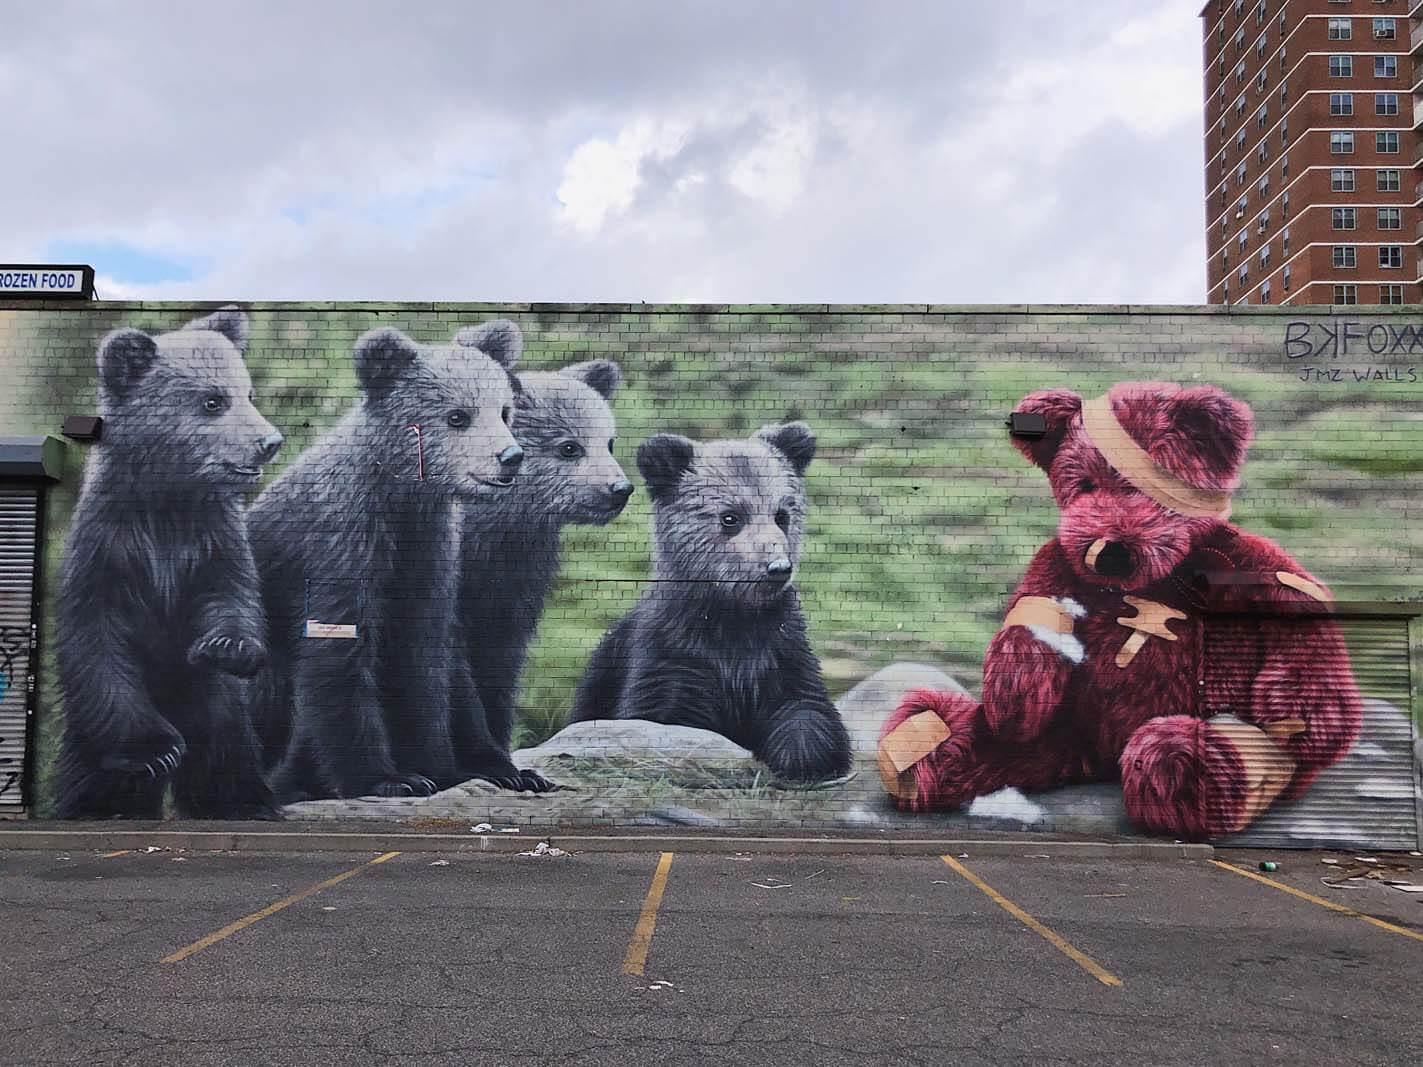 JMZ Walls by BK FOXX bear wall in Williamsburg Brooklyn